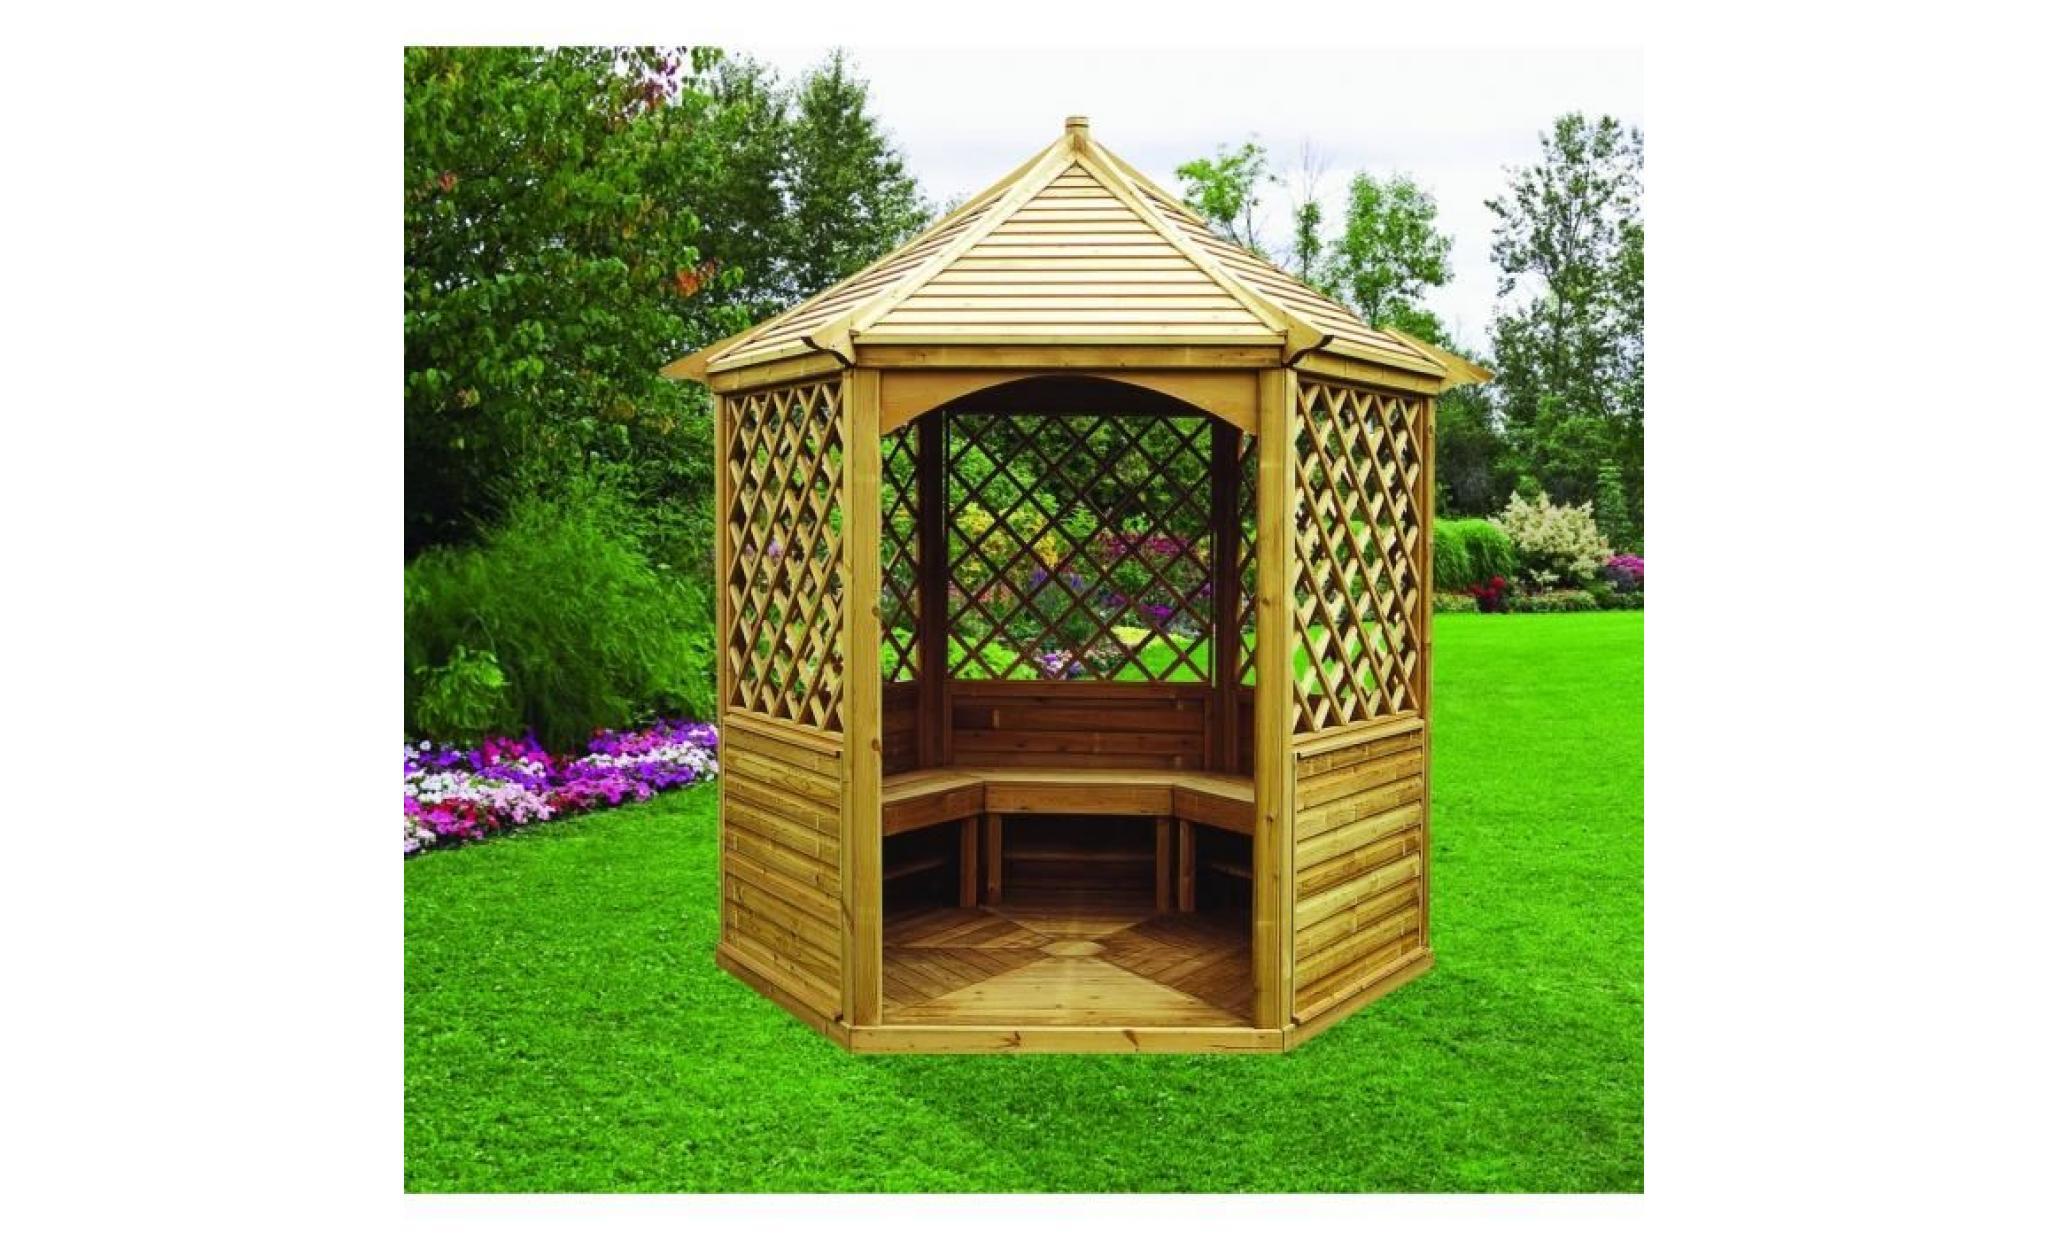 Kiosque Pavillon Hexagonal 7,30M² - Toiture En Bois avec Kiosque De Jardin En Bois